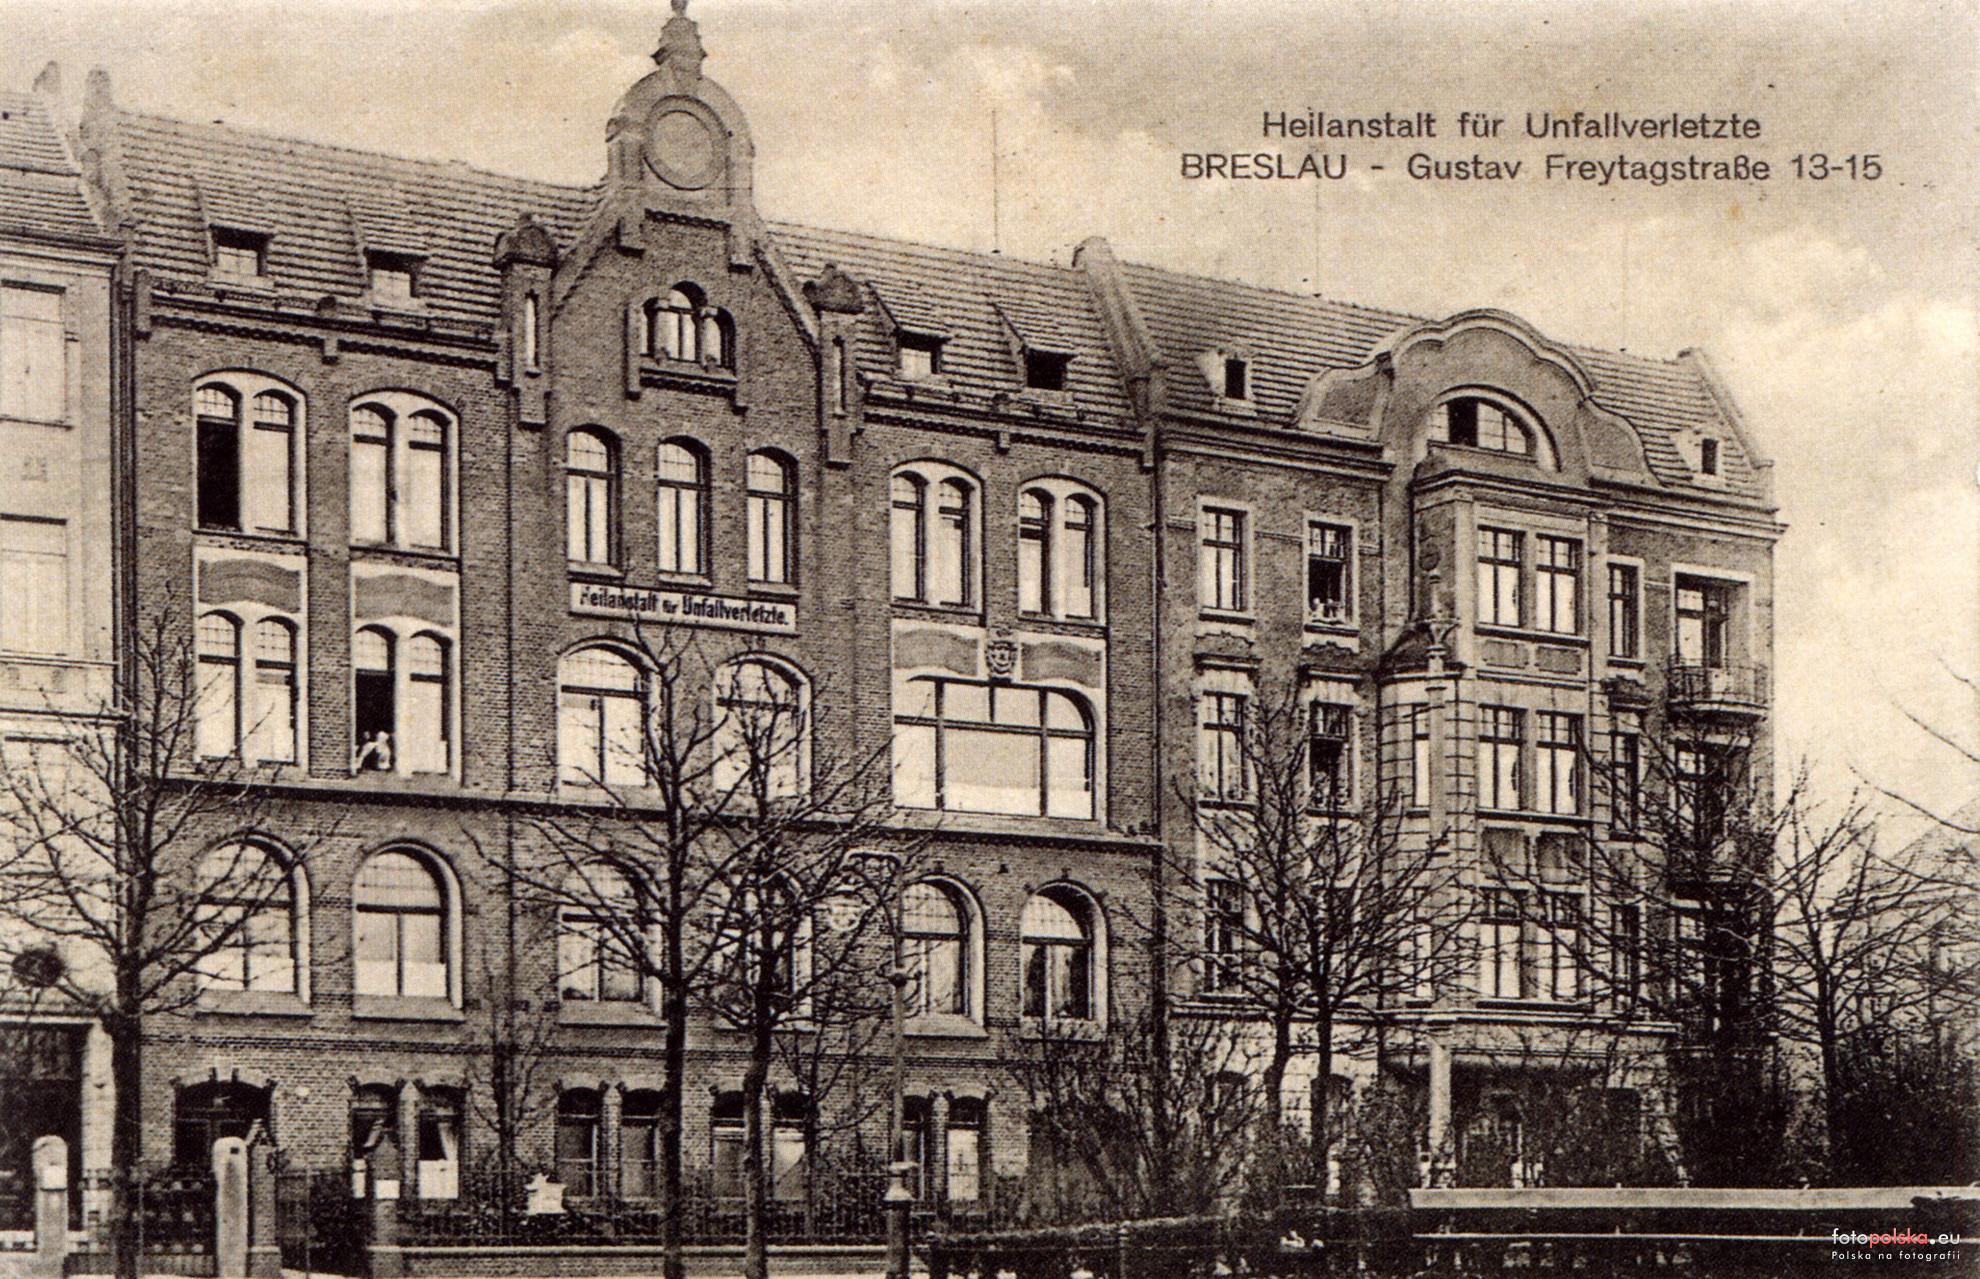 https://wroclaw.fotopolska.eu/foto/1174/1174812.jpg